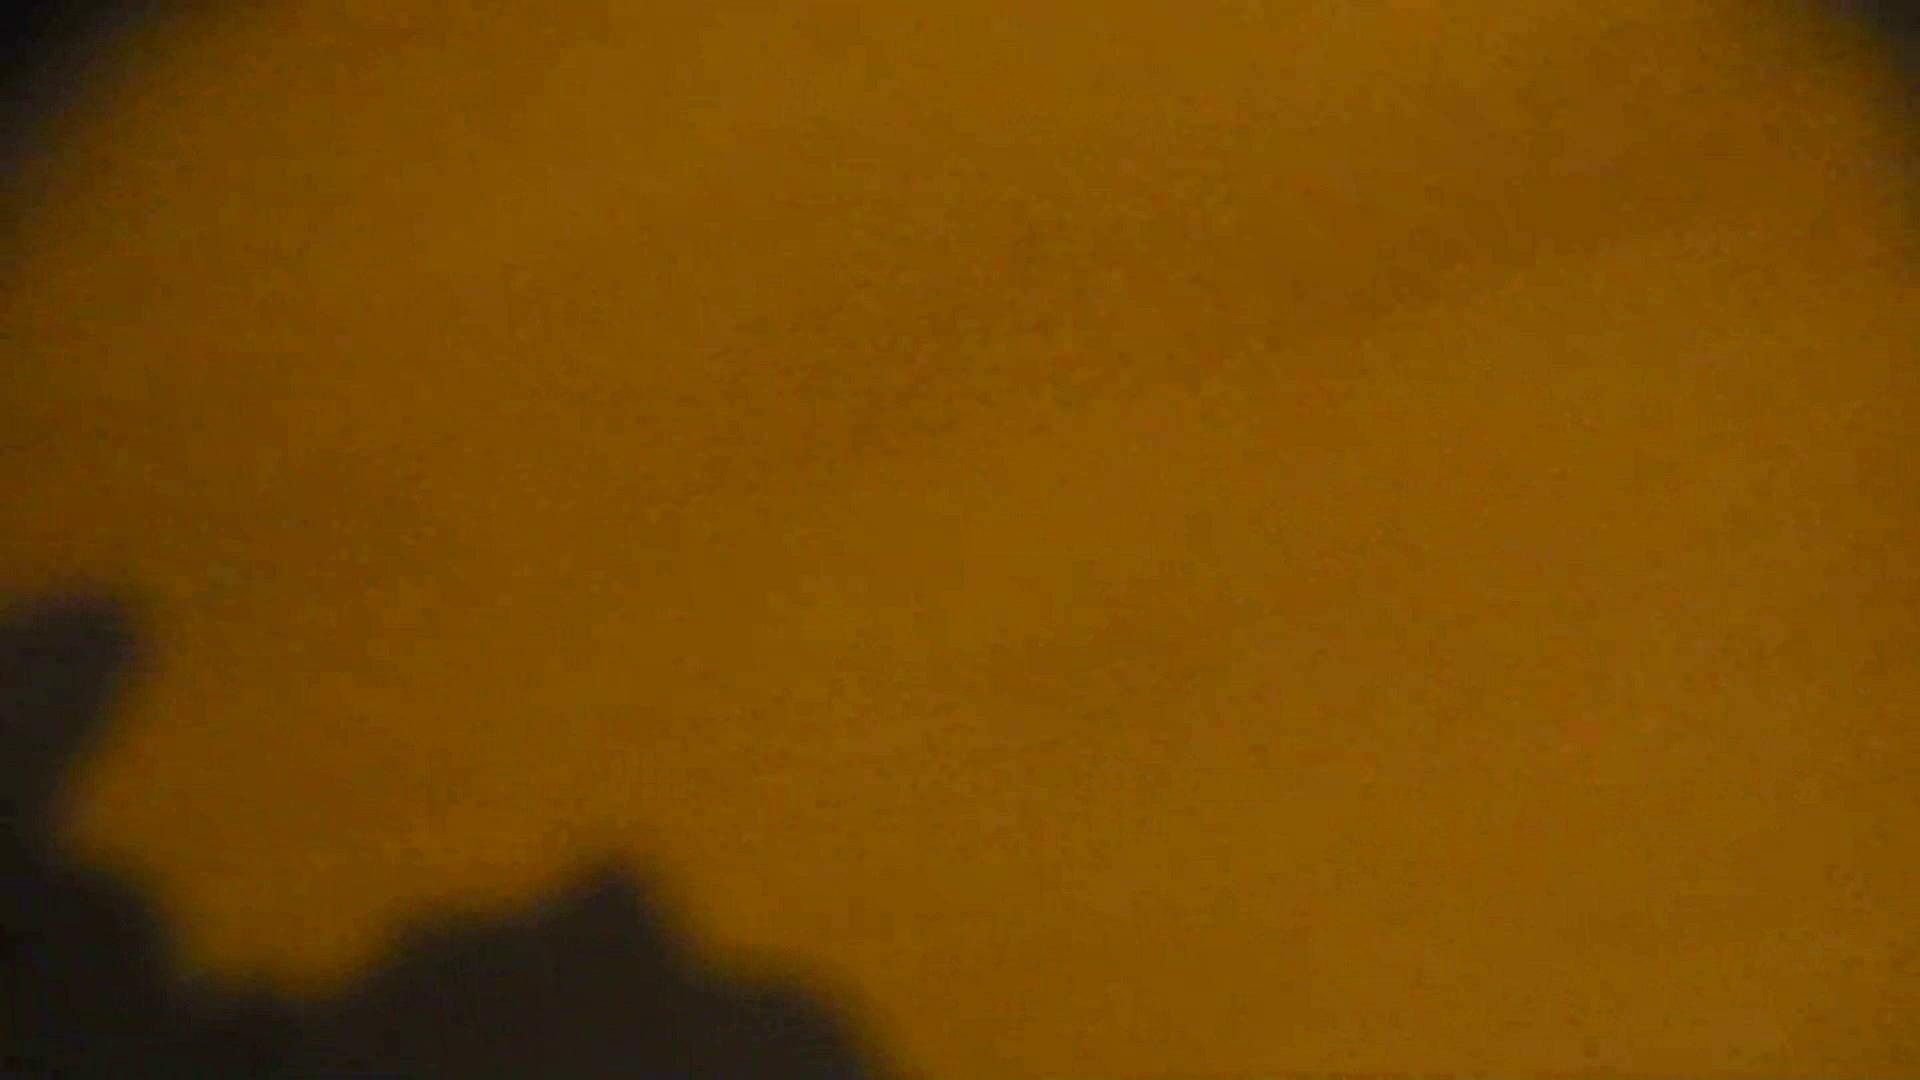 阿国ちゃんの「和式洋式七変化」No.14 洗面所   和式で踏ん張り中  74連発 47